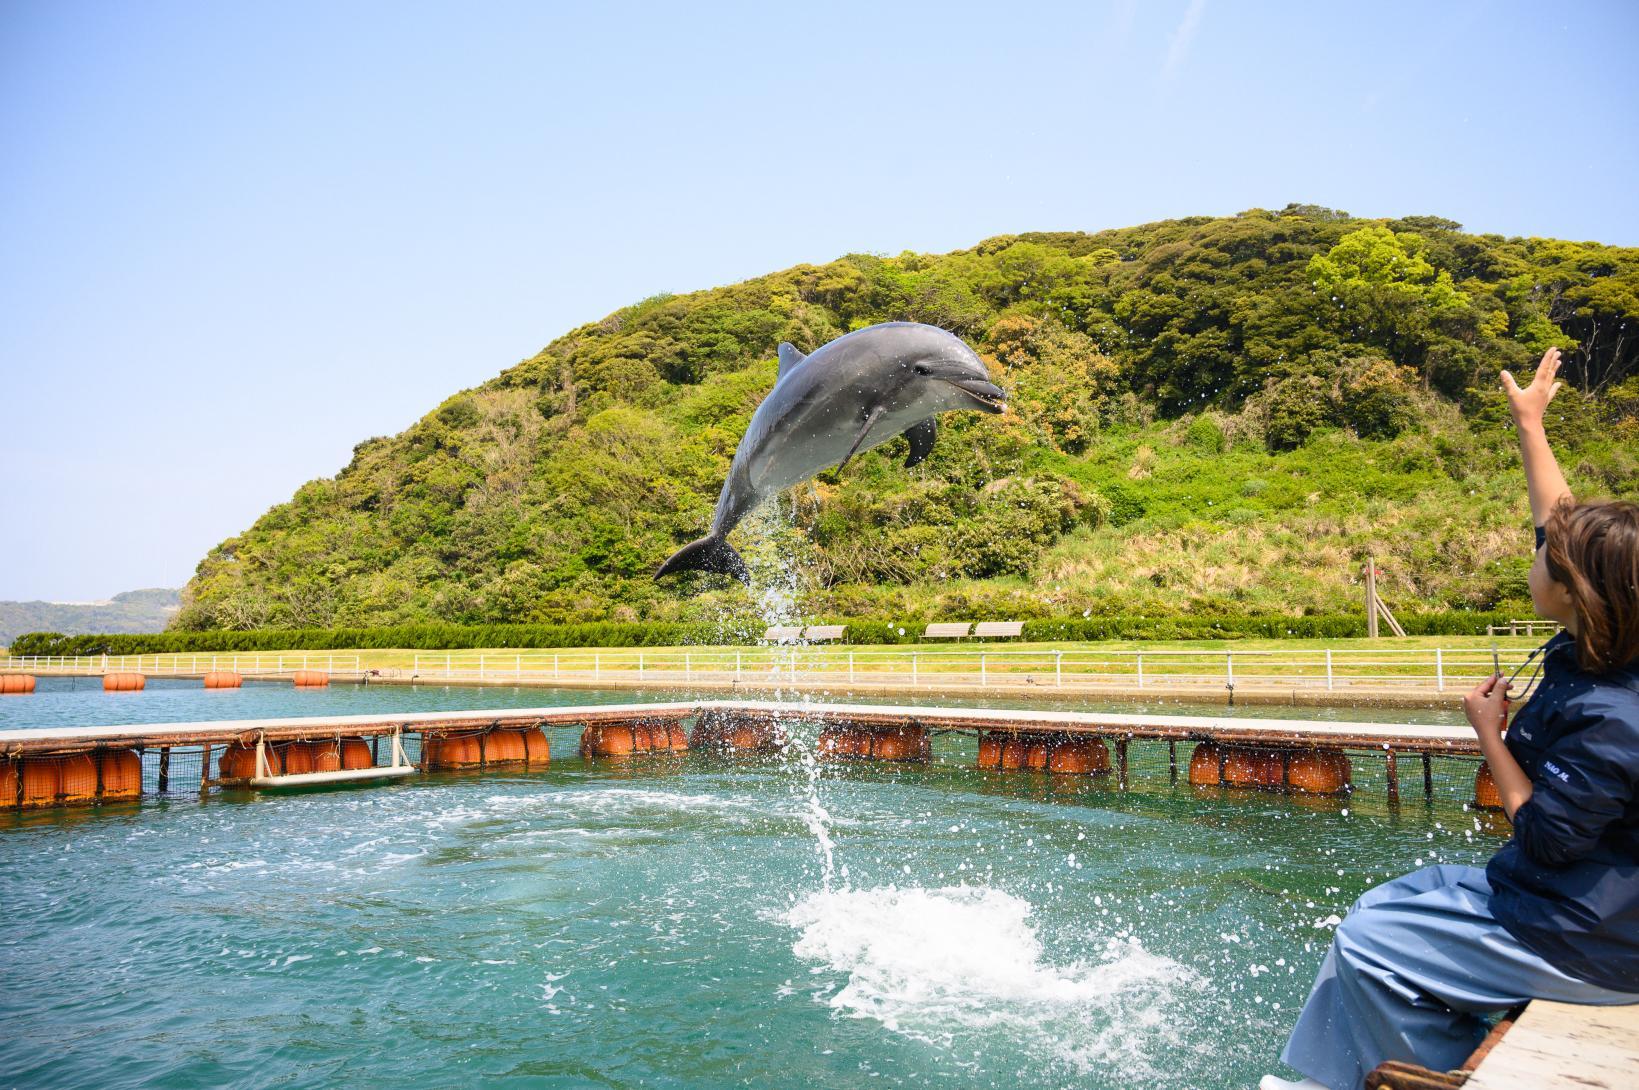 イルカを学ぶ!イルカとふれあう!壱岐イルカパーク&リゾート-1